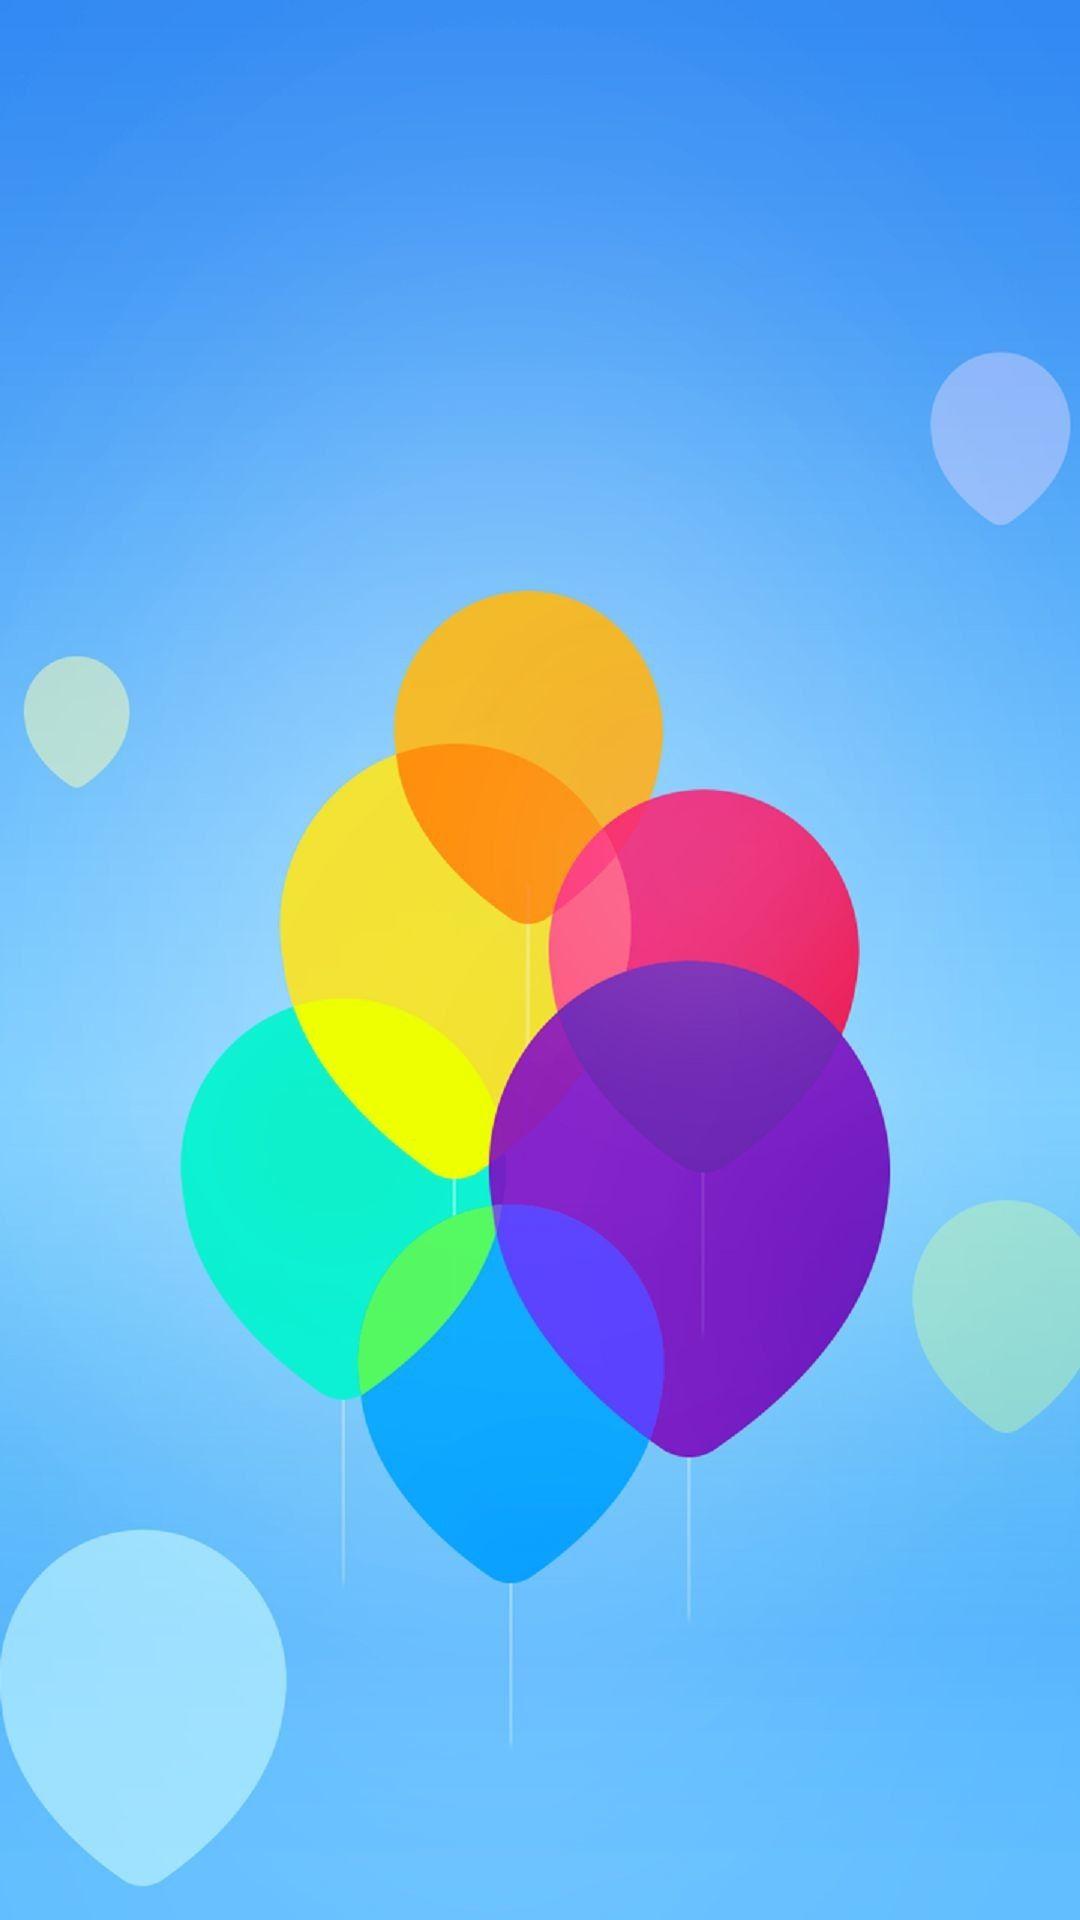 hd hot air balloon wallpaper | hd wallpapers | pinterest | wallpaper